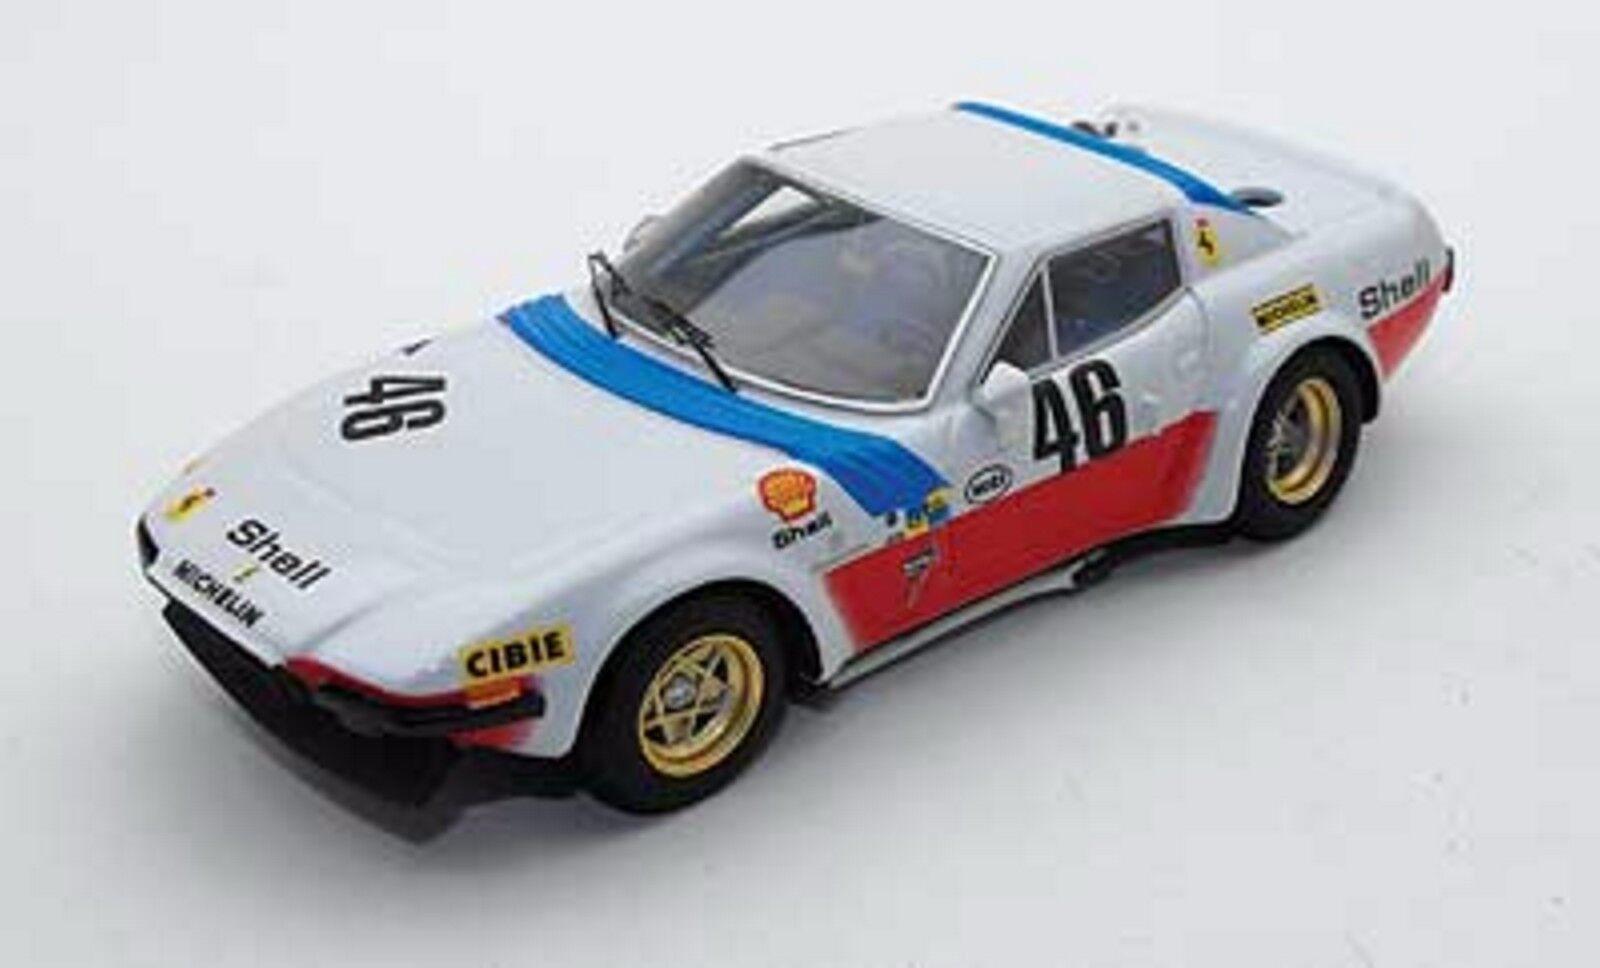 +kit Ferrari 365 GTB 4 Michelotti NART Le Mans 1975 - Tron Models kit 1 43